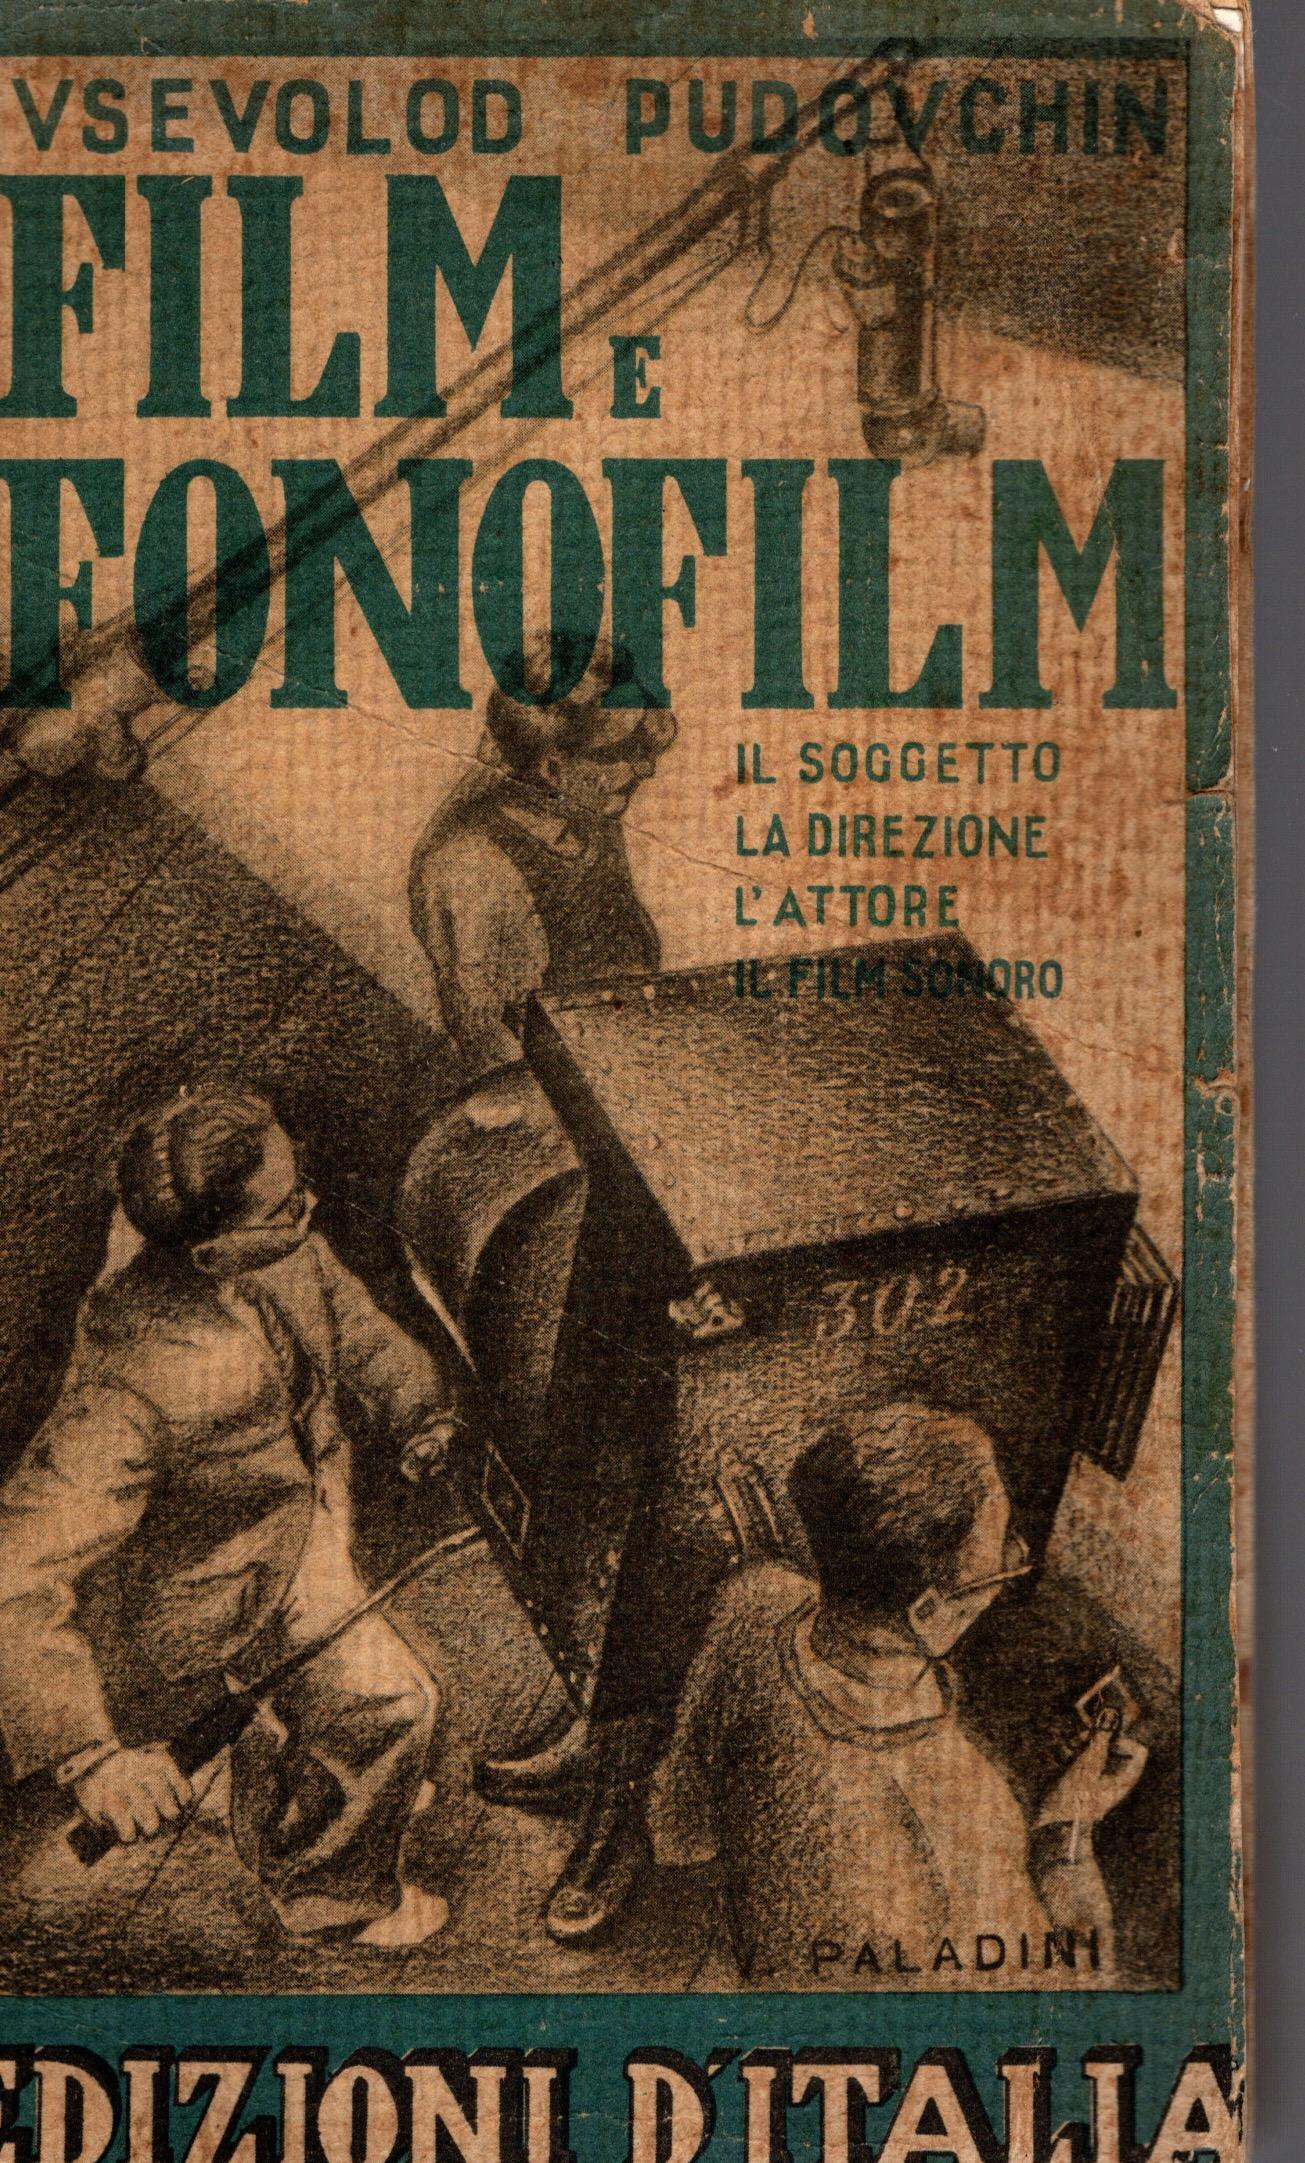 Film e fonofilm: il soggetto, la direzione artistica, l'attore, il film sonoro.